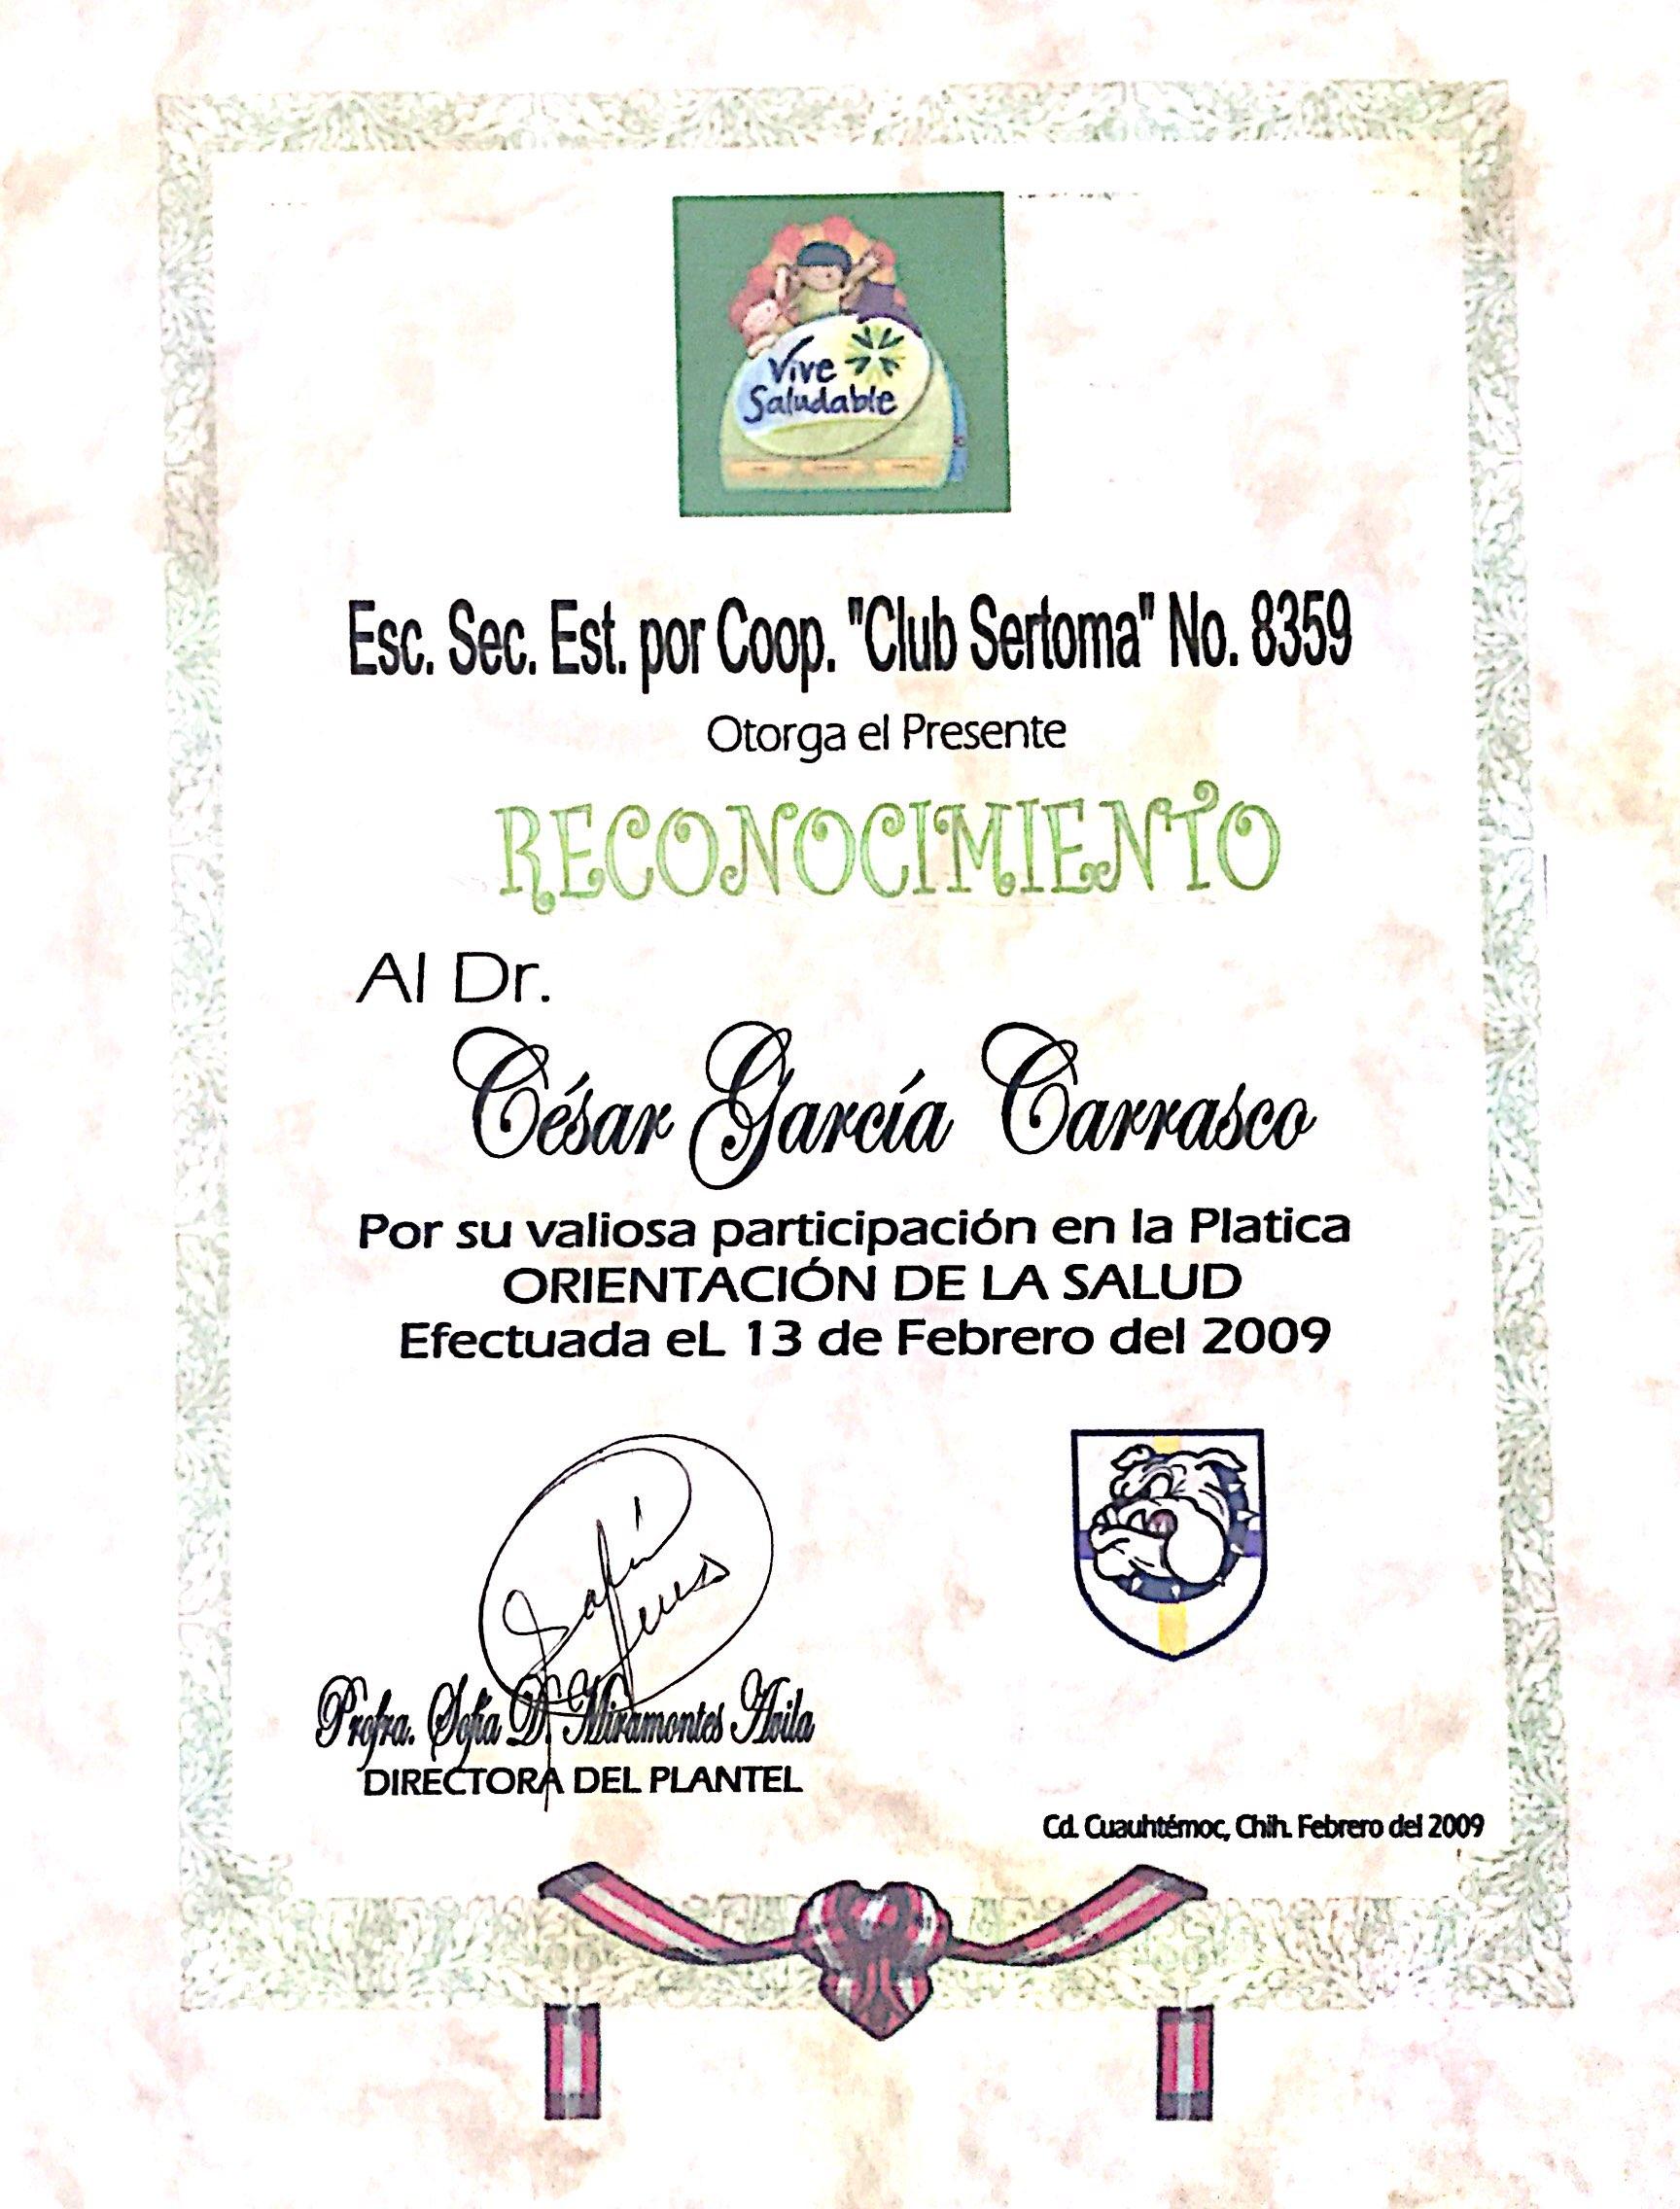 Dr. Garcia Carrazco_21